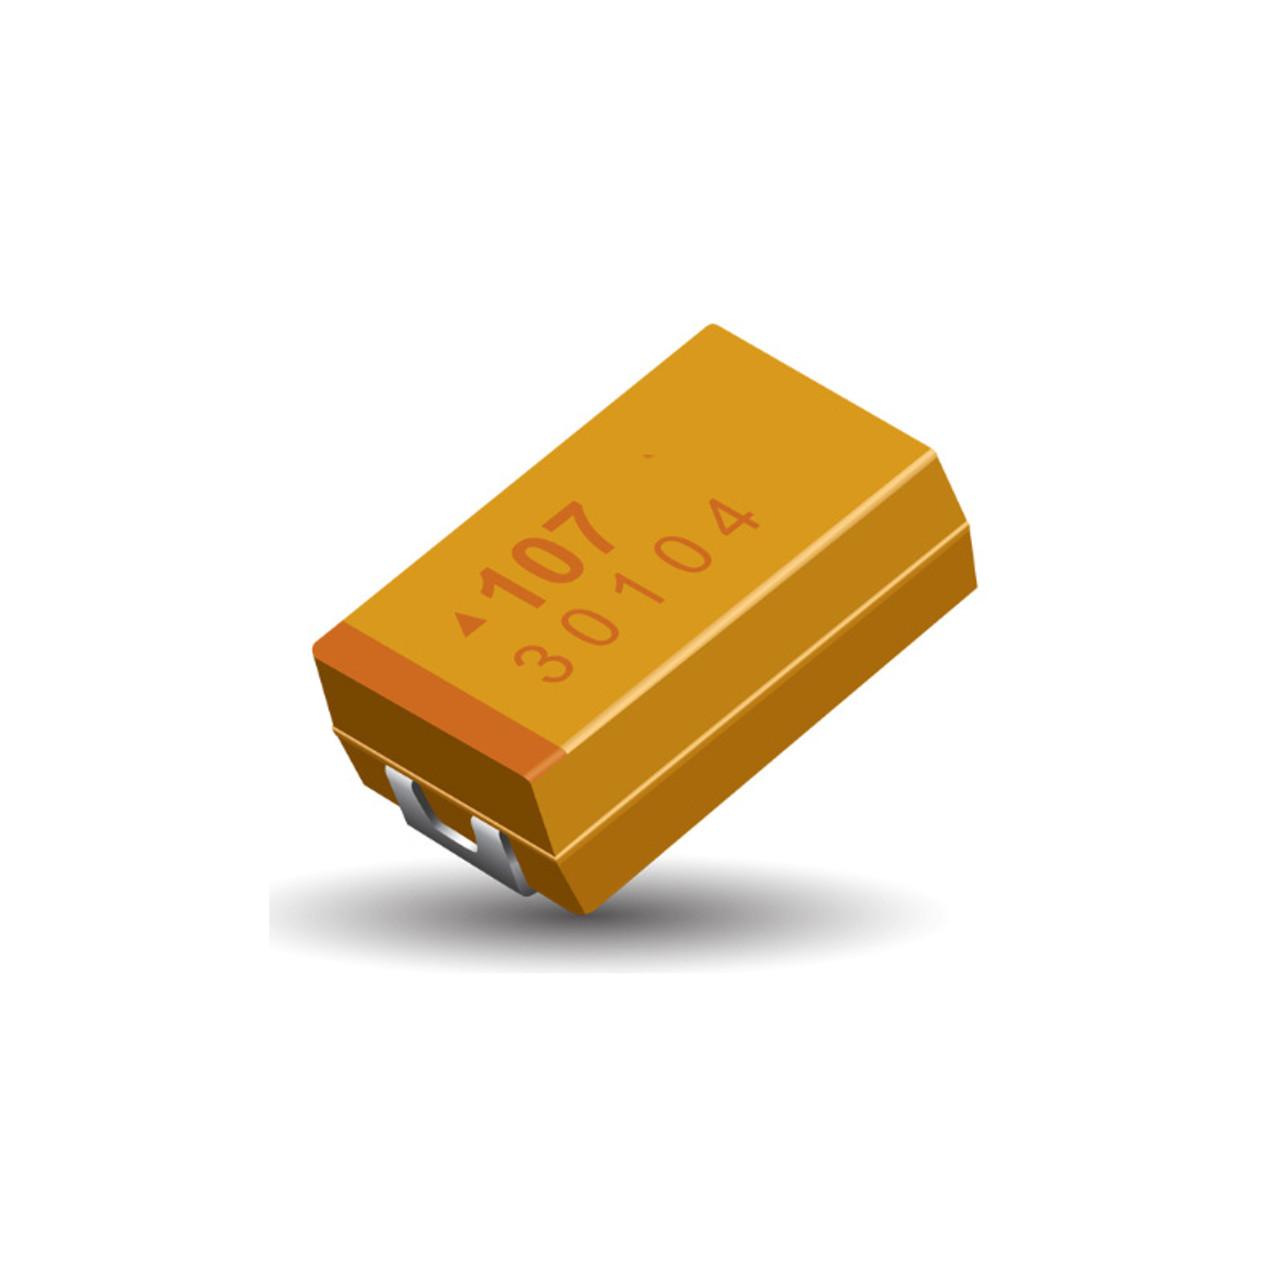 Tantalum Capacitors Tantalum Capacitors SMD 100µf 10/% 16v Case D 5 Piece